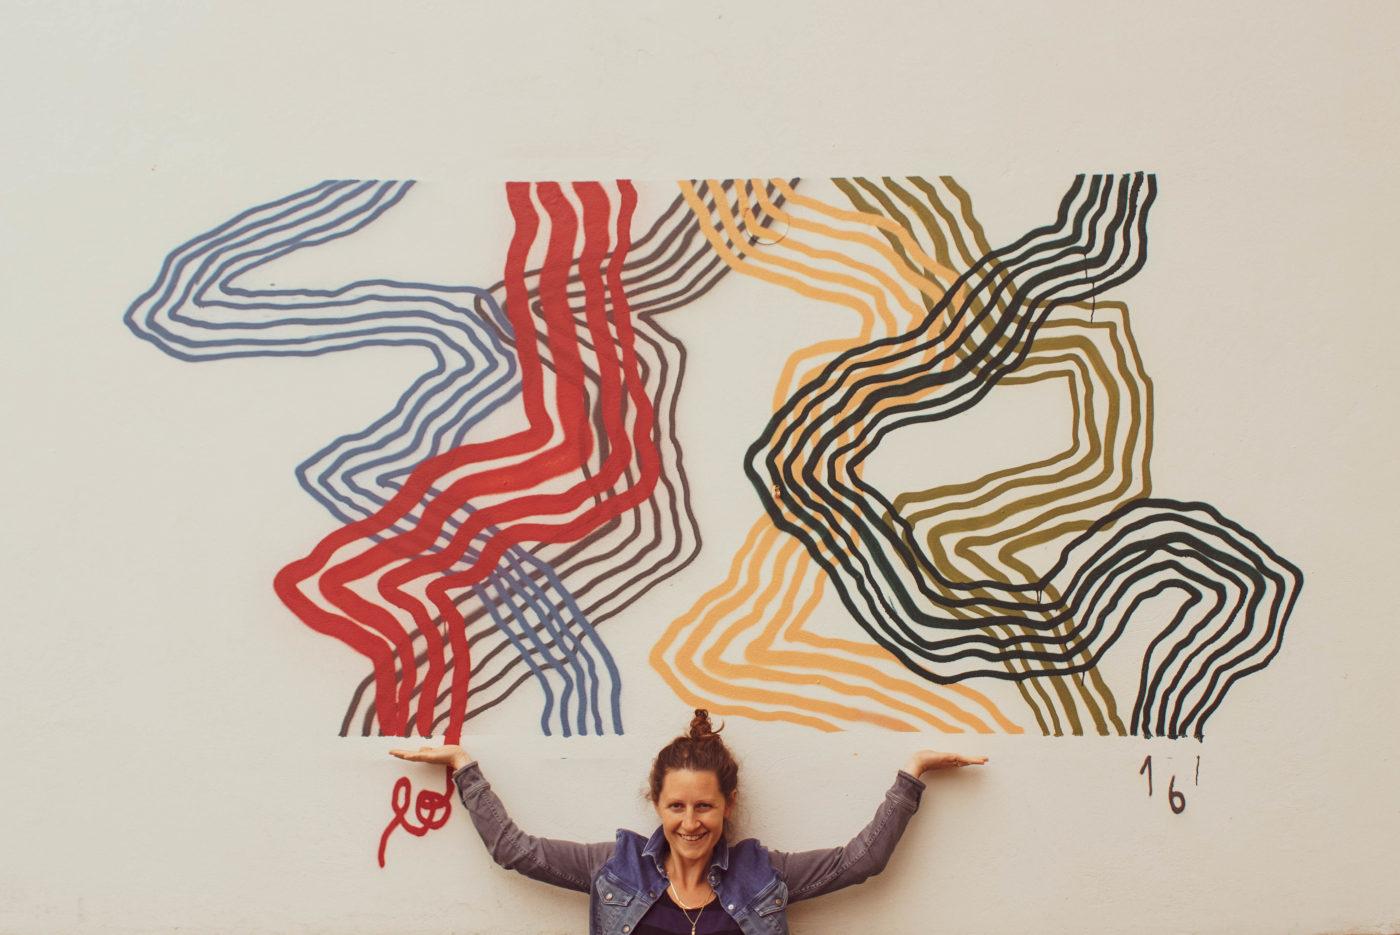 Lea steht vor einer Wand auf der jeweils vier Linien wacklig nach oben führen. Sie hält die Hände geöffnet nach oben, so dass Sie genau mit den Linien abschließen